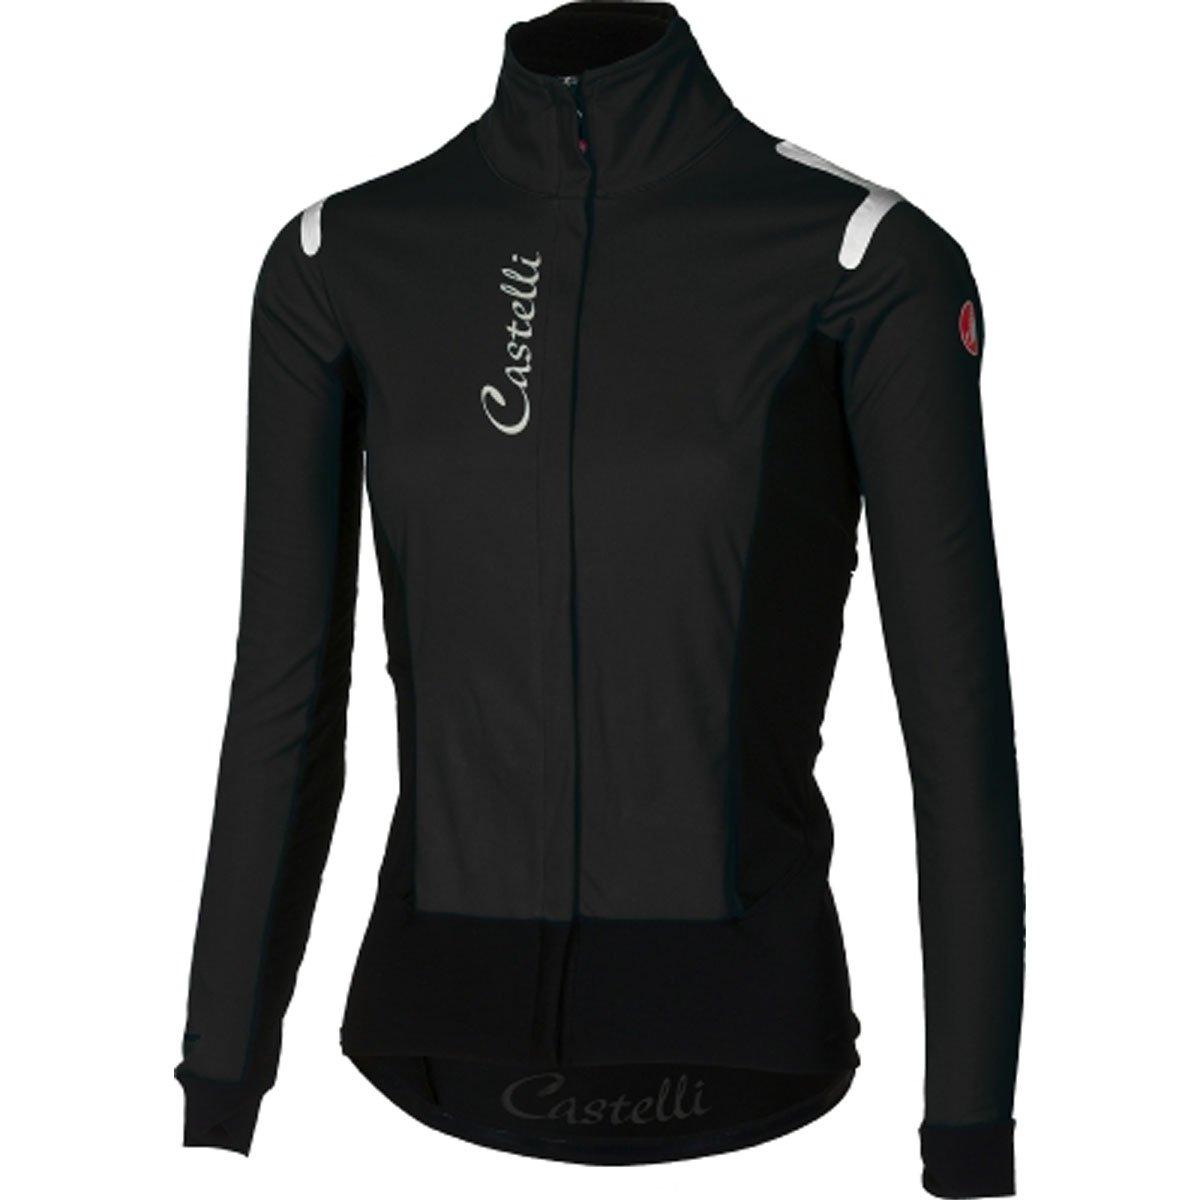 CastelliアルファRos Jacket – Women 's B076ZQZB6M Small|Light Black/Black Light Black/Black Small